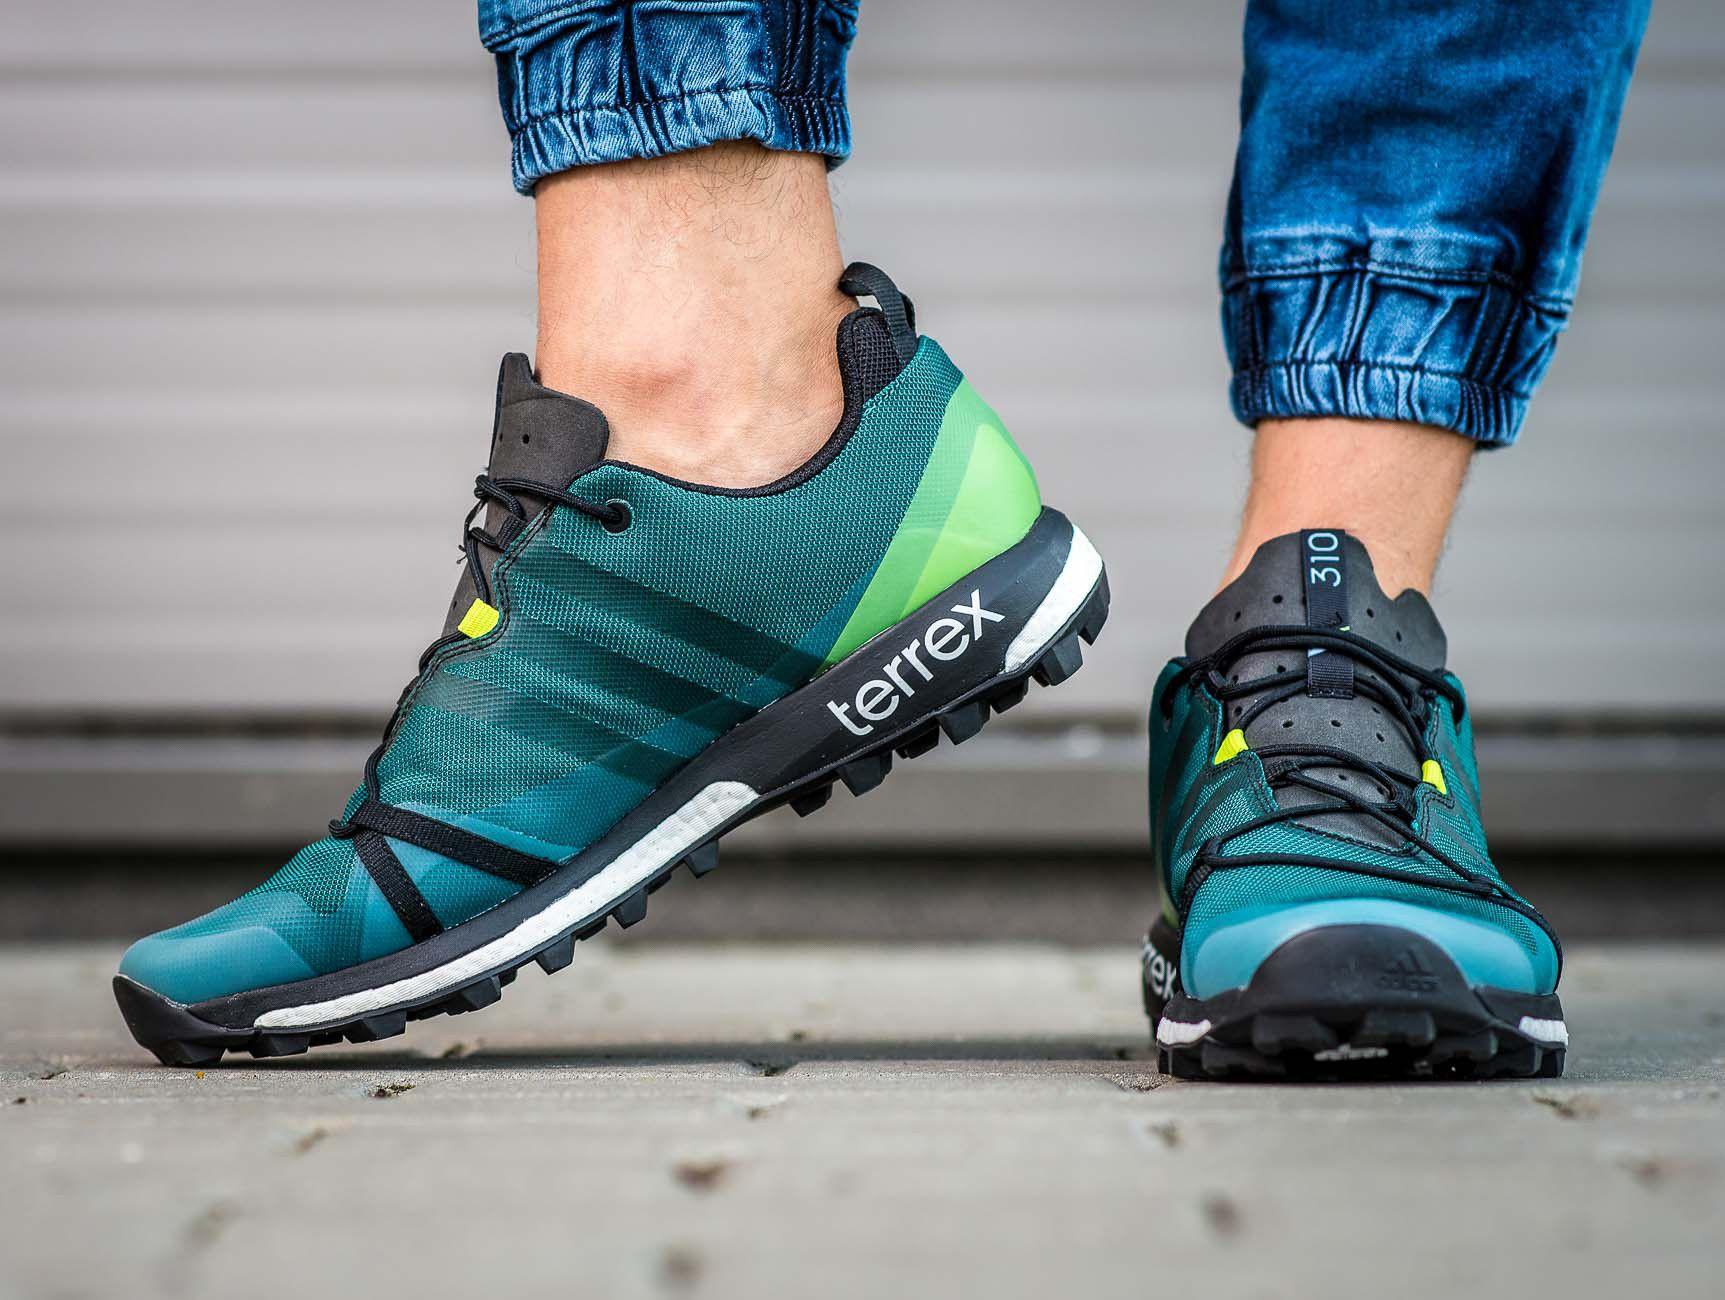 27f4d185bb1541 Buty typu buty doskonale sprawdzą się podczas towarzyskich spotkań ze  znajomymi, spacerów po lesie i letnich aktywności na świeżym powietrzu.